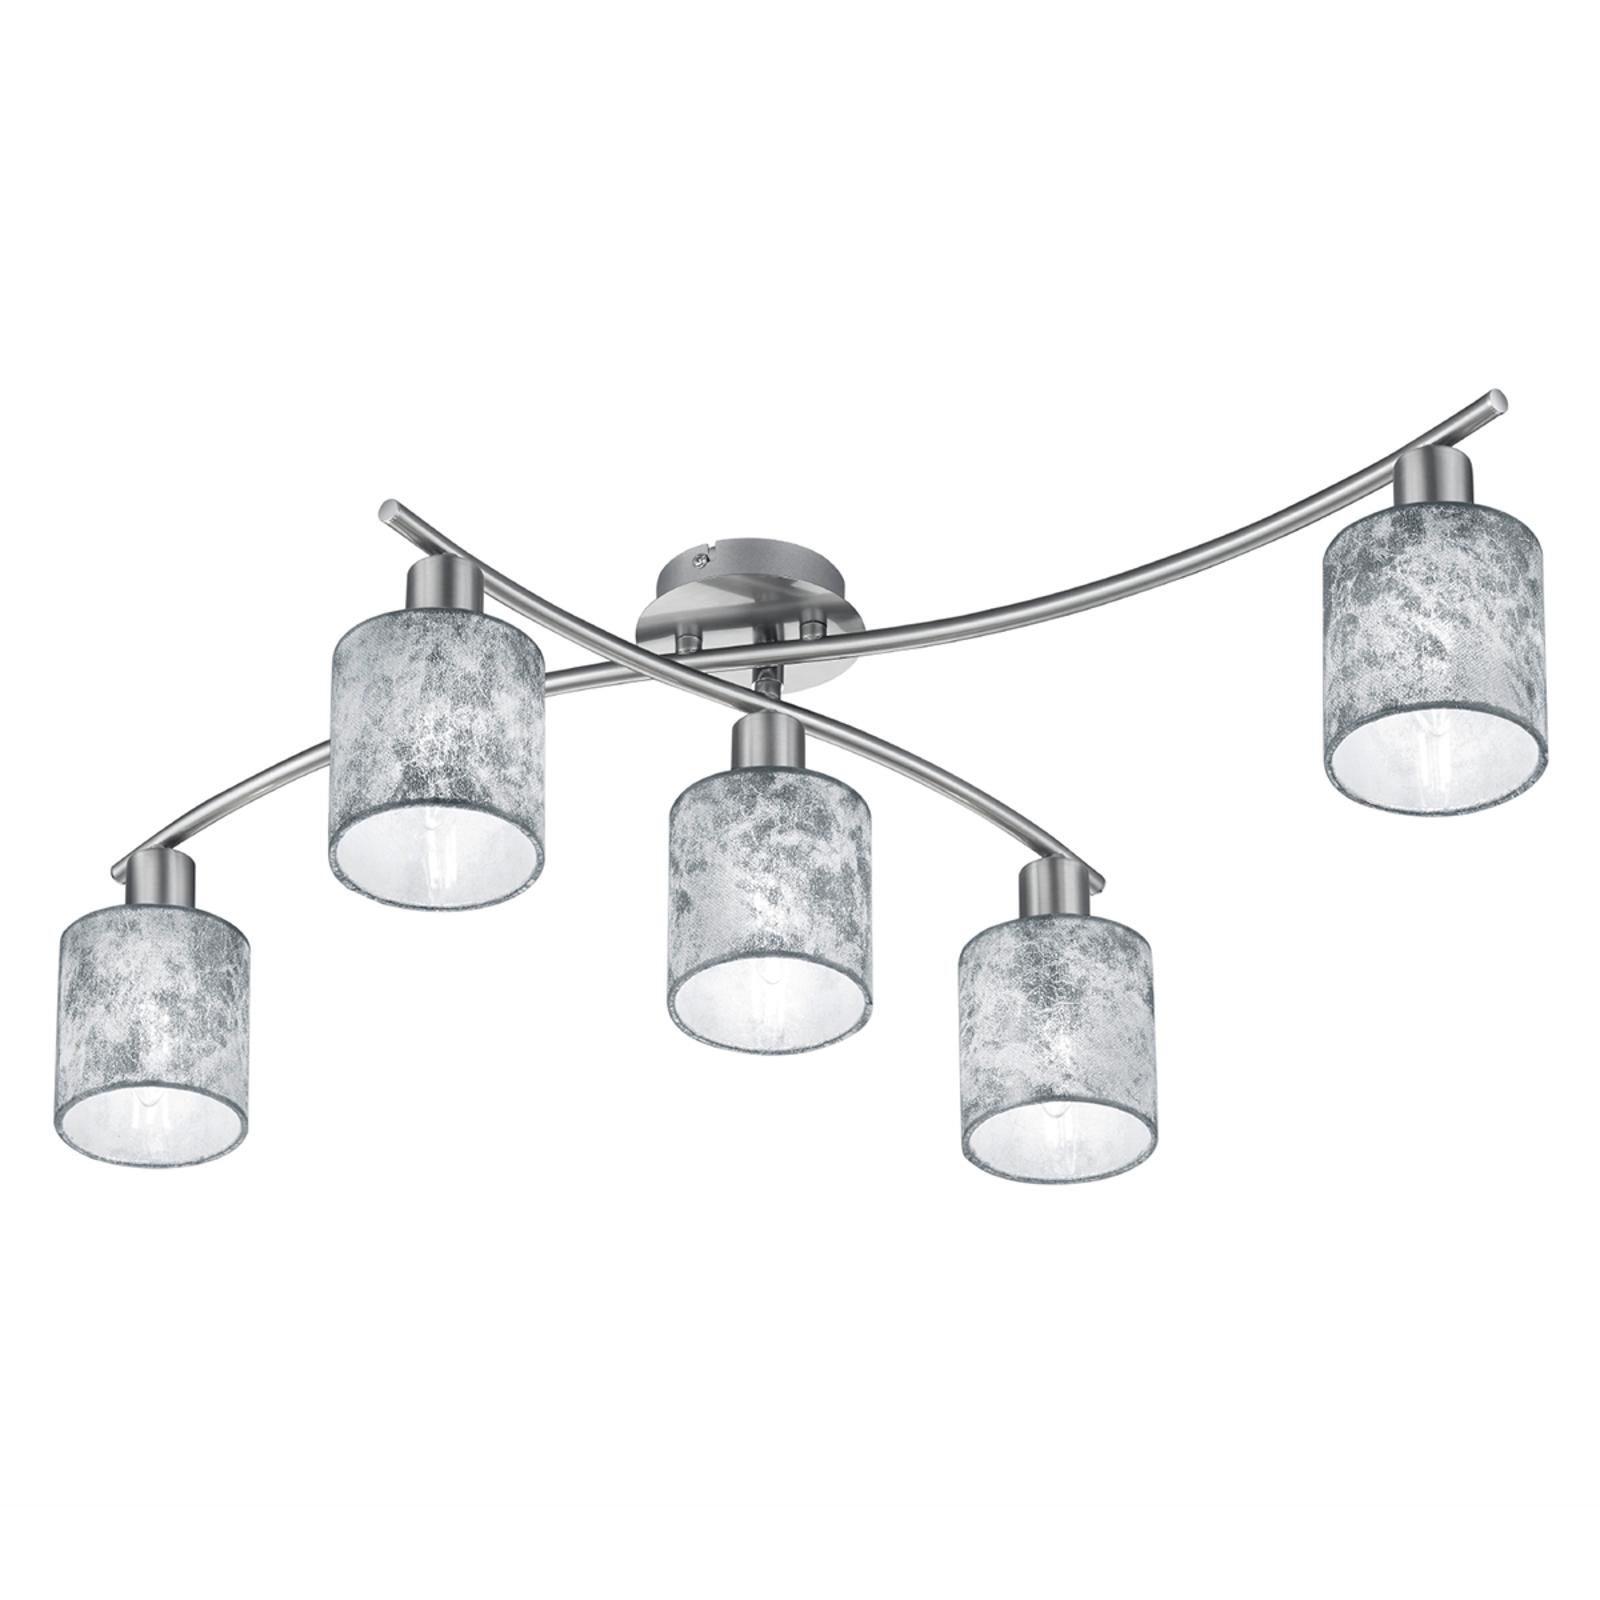 Garda - Vijfflammige plafondlamp, zilveren kappen